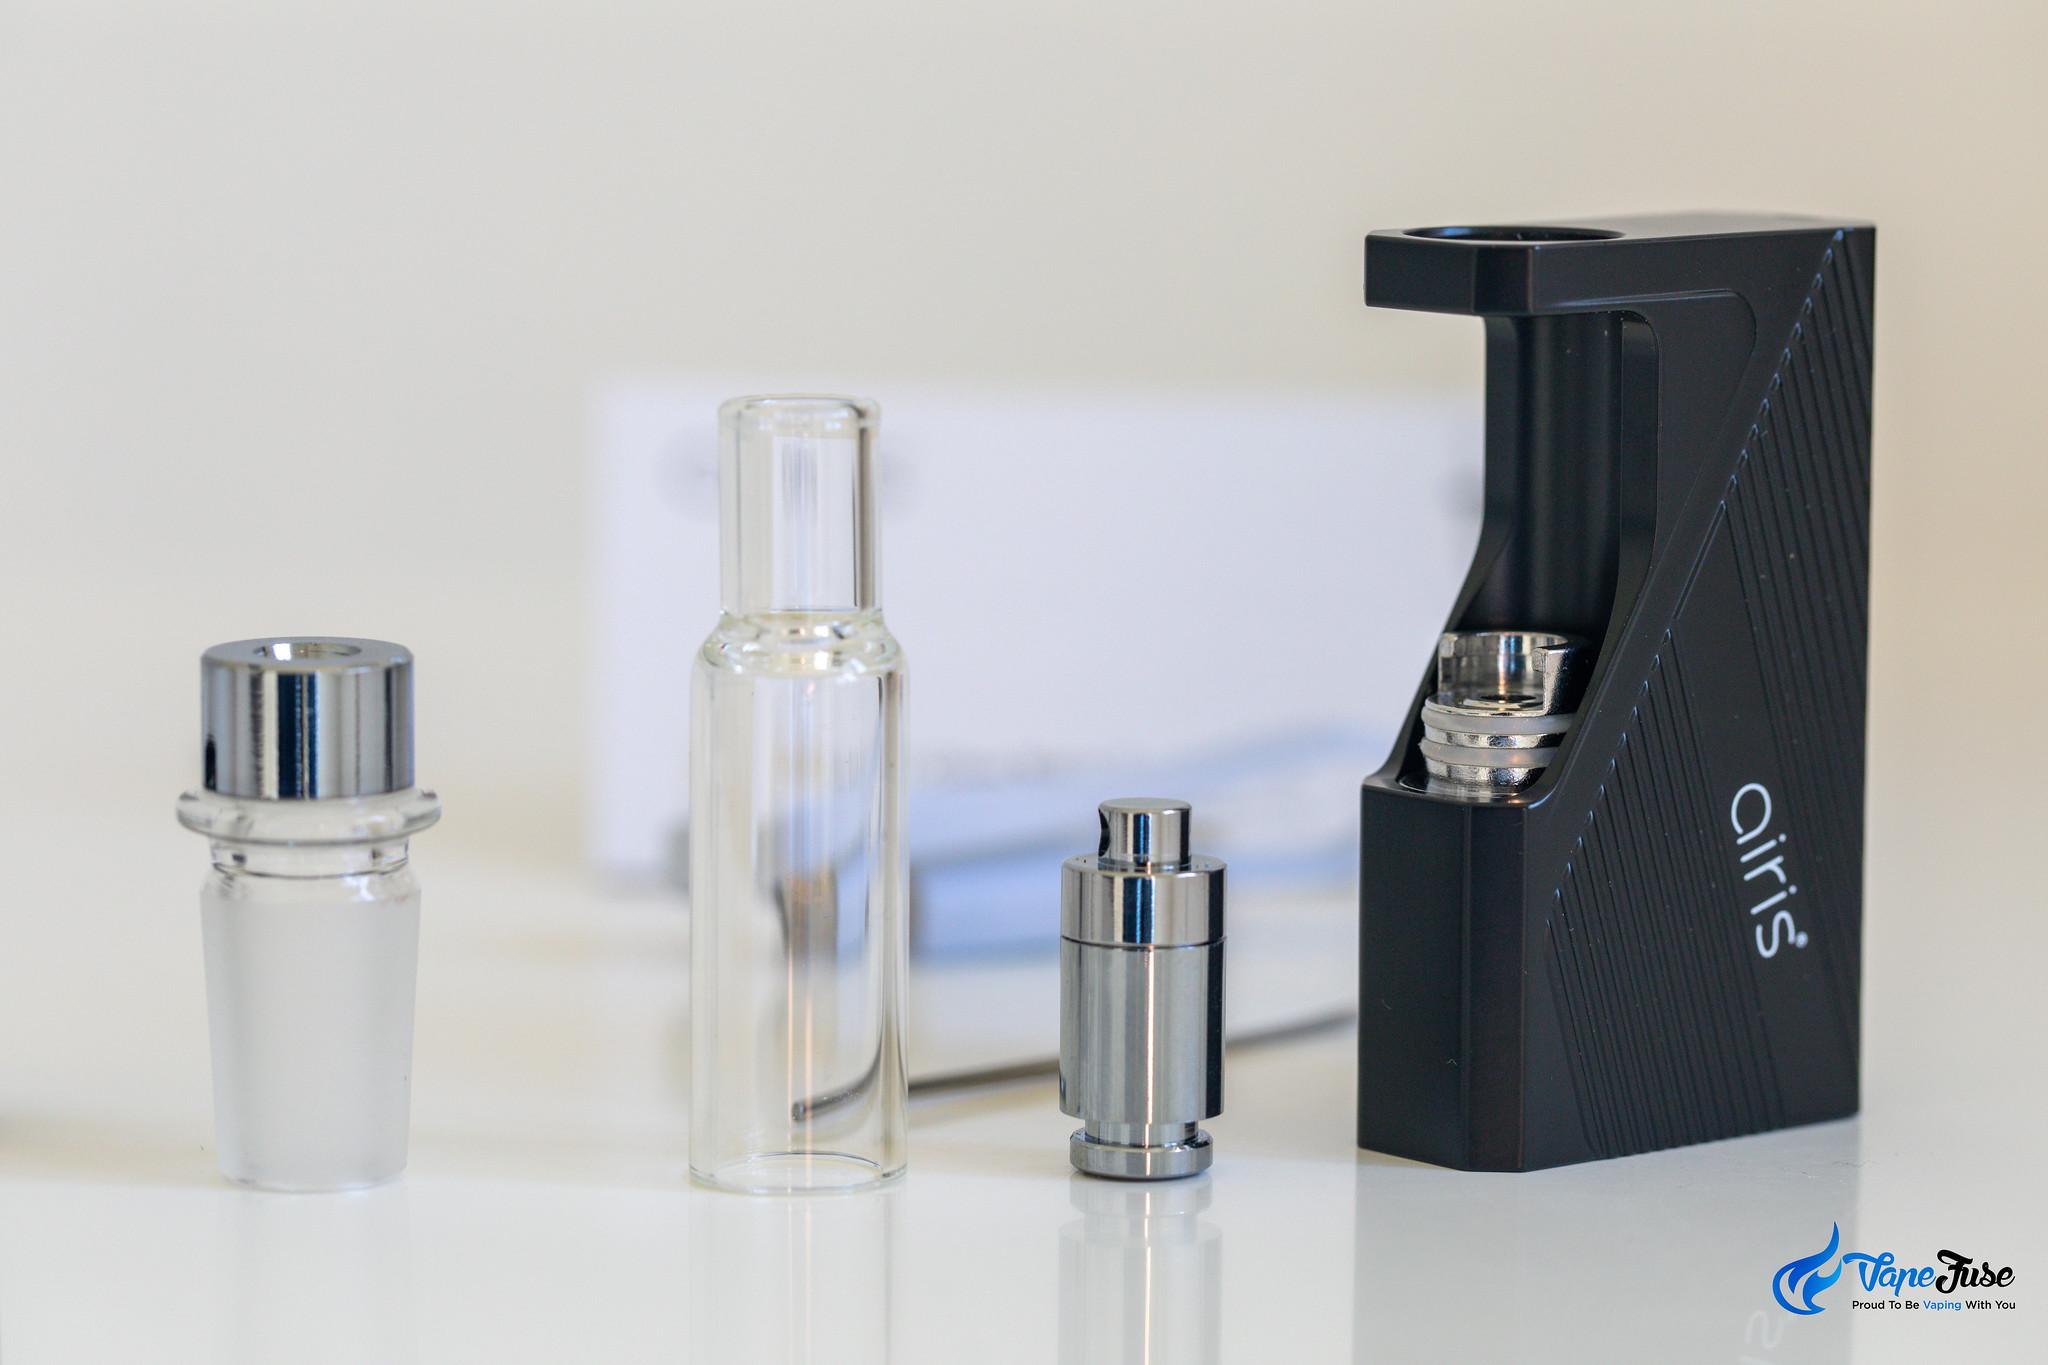 Airis Dabble Glass Bong Compatible Wax Vaporizer with quartz coil pod